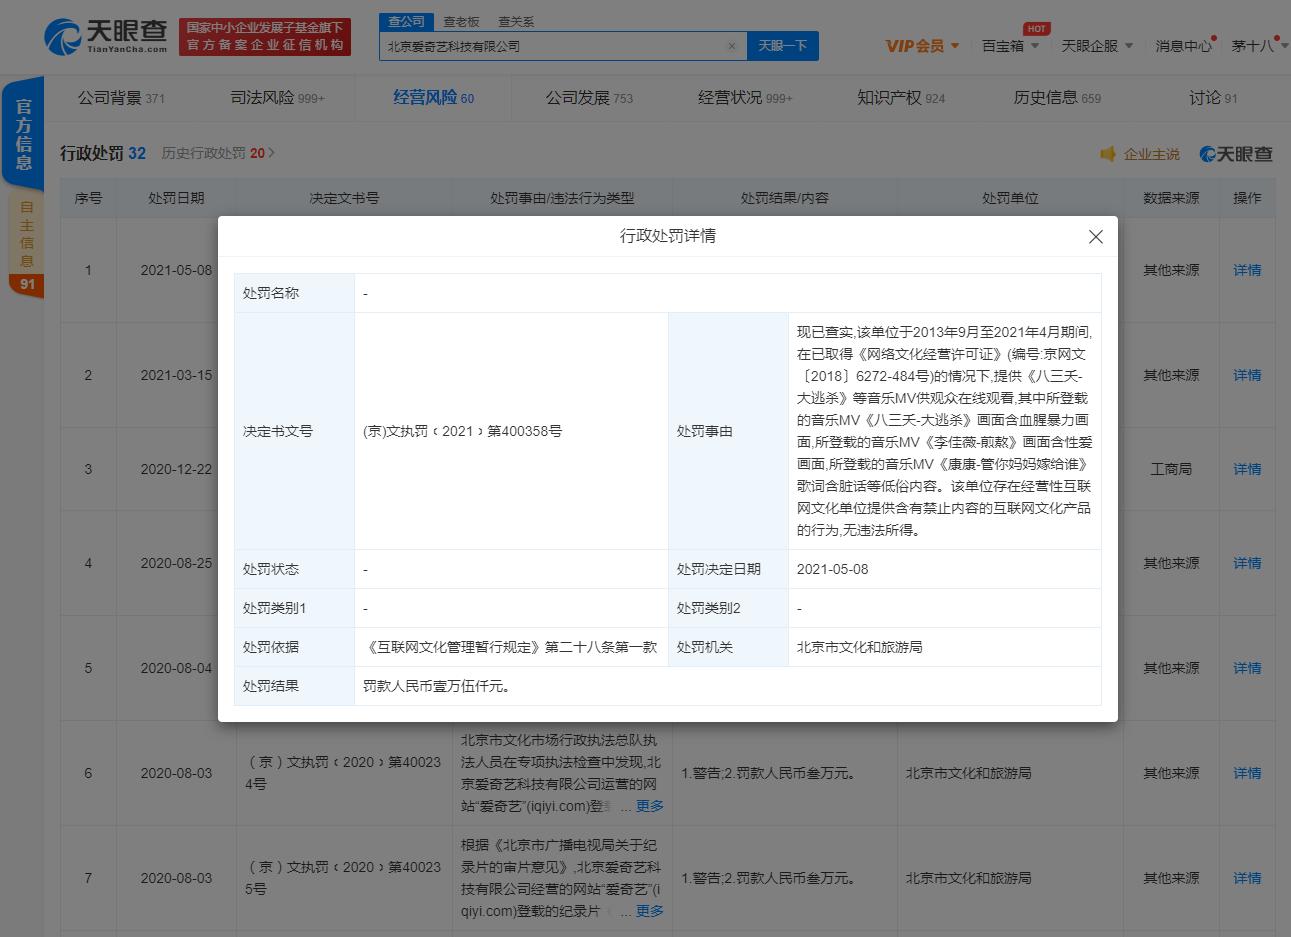 爱奇艺再被行政处罚:提供含脏话等低俗内容的MV